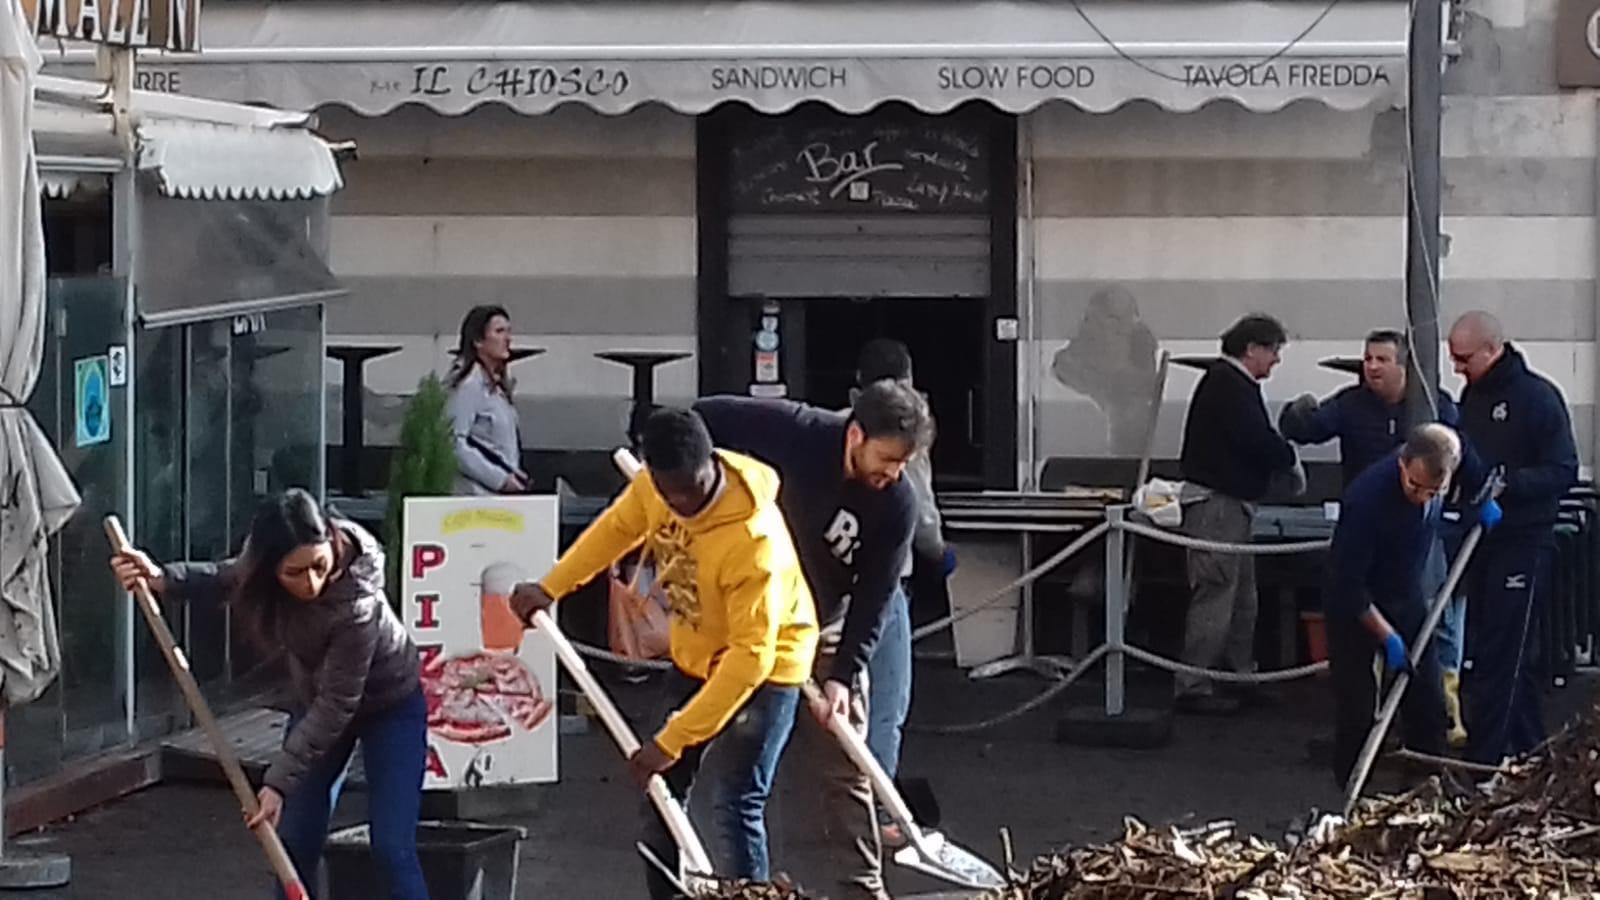 Richiedenti asilo ospiti del Centro di Accoglienza della Diocesi di Chiavari ad aiutare dopo la mareggiata a Rapallo 04